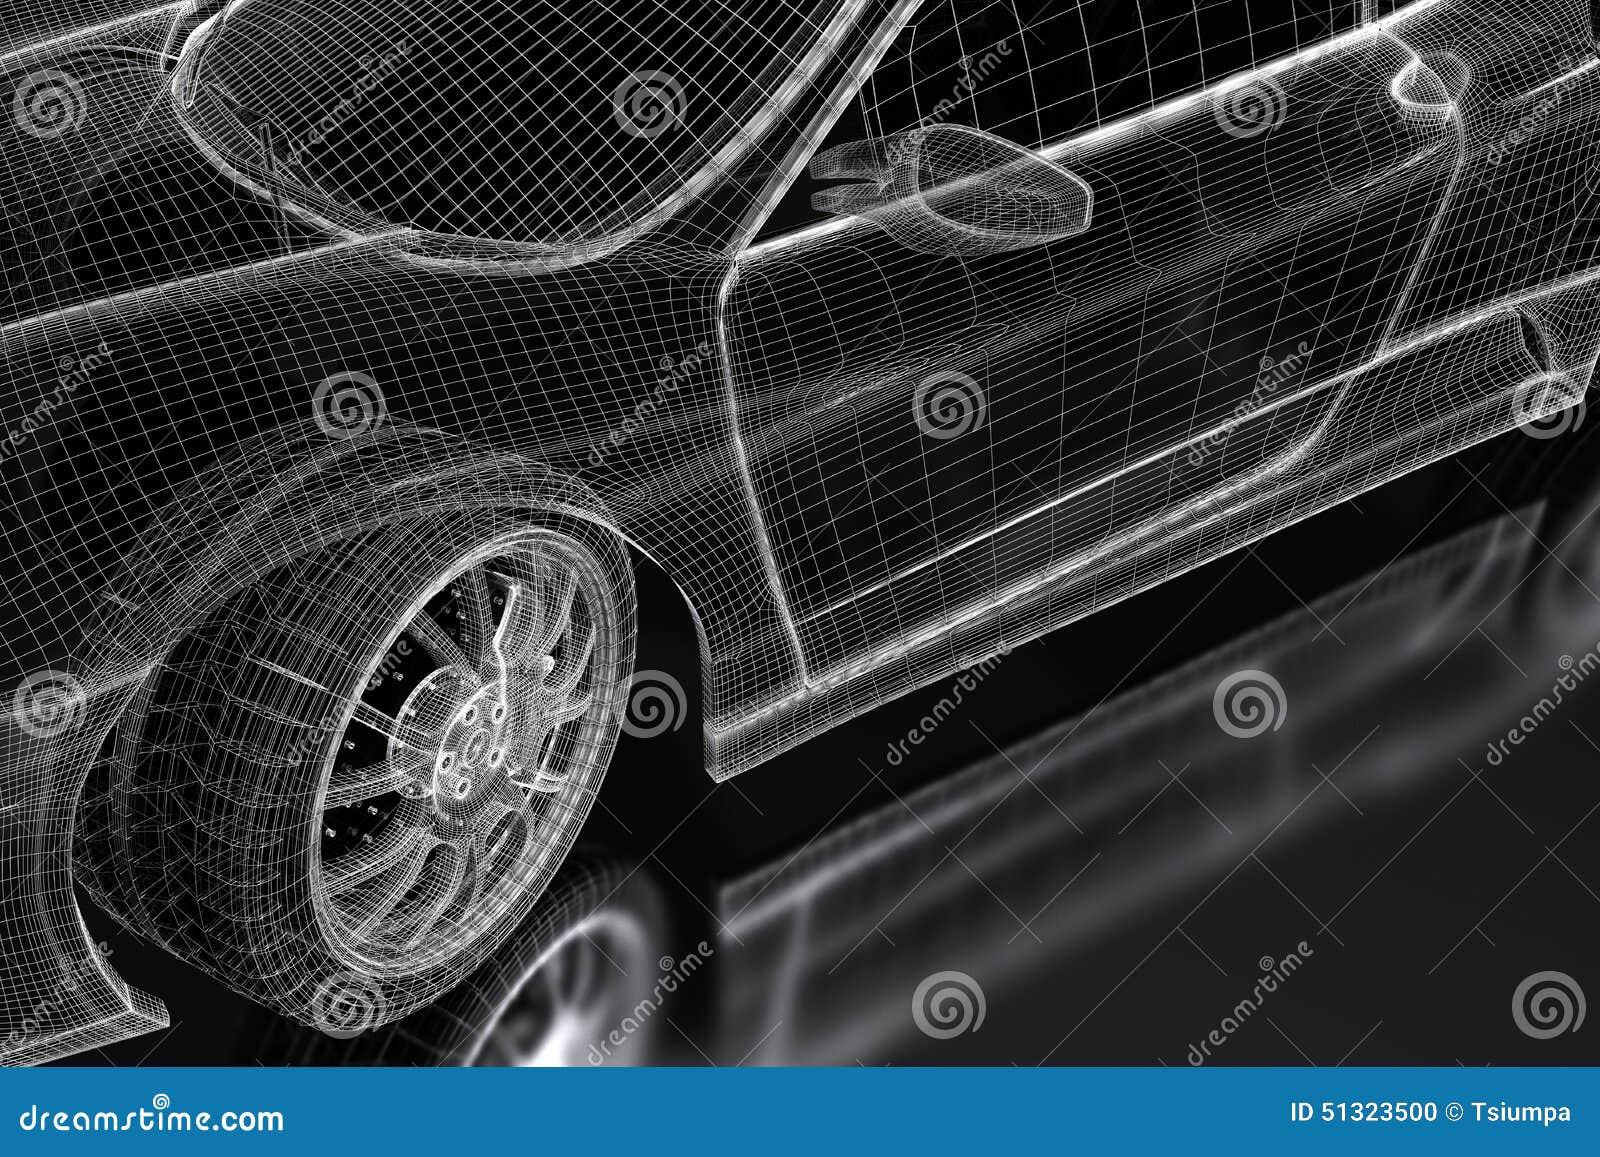 3d car stock illustration illustration of speed technology 51323500 3d car speed technology malvernweather Gallery